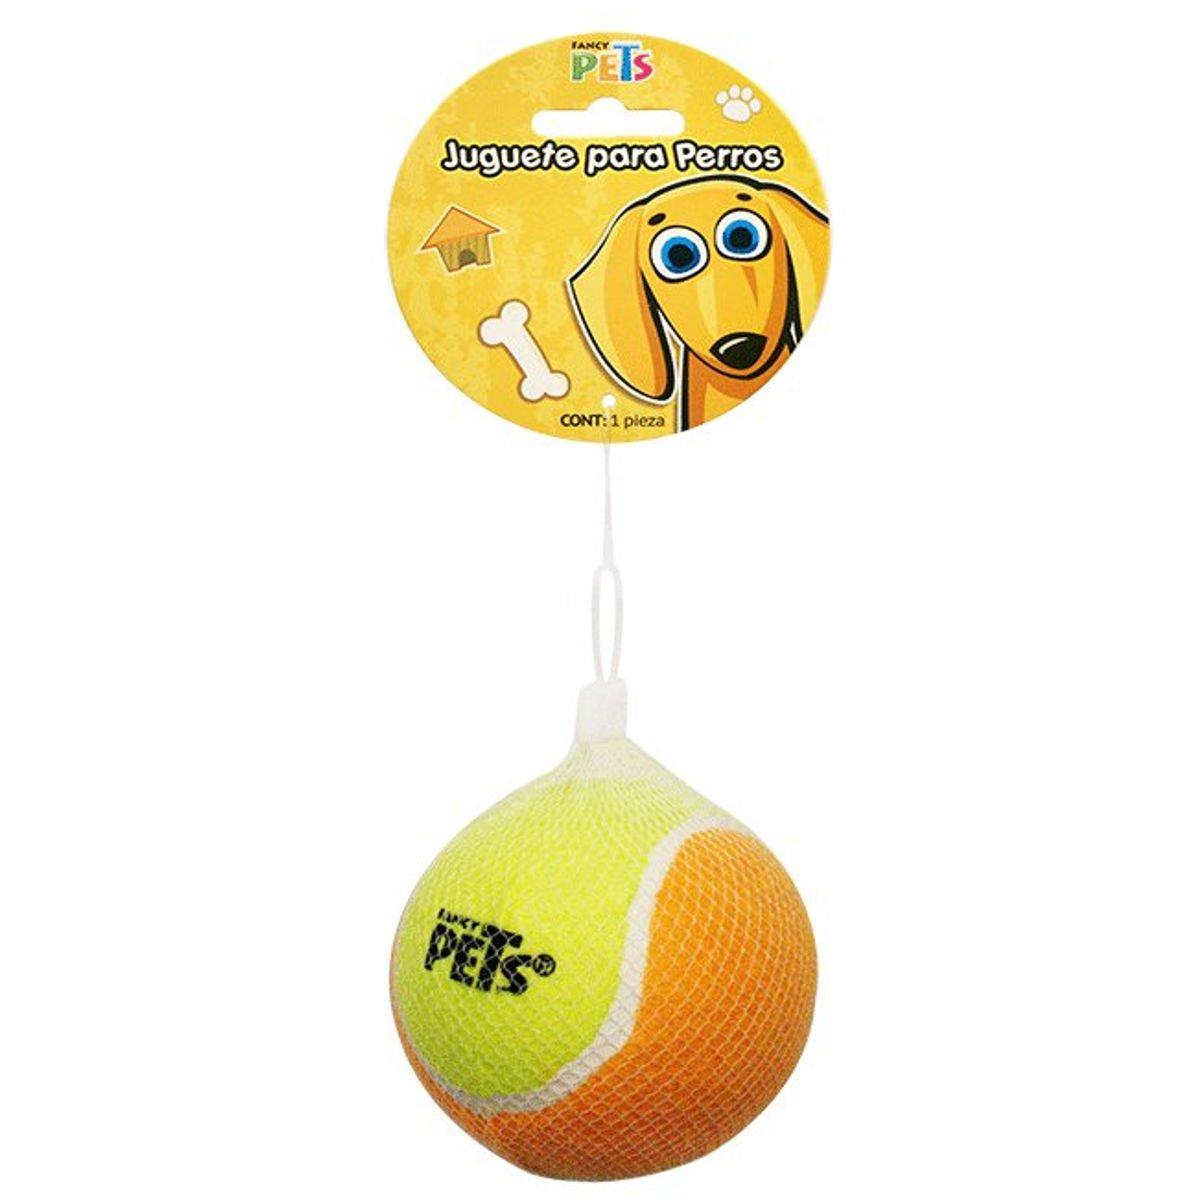 Juguete p perro bola de tenis 10 cm 1 pieza acuario for Bola juguete